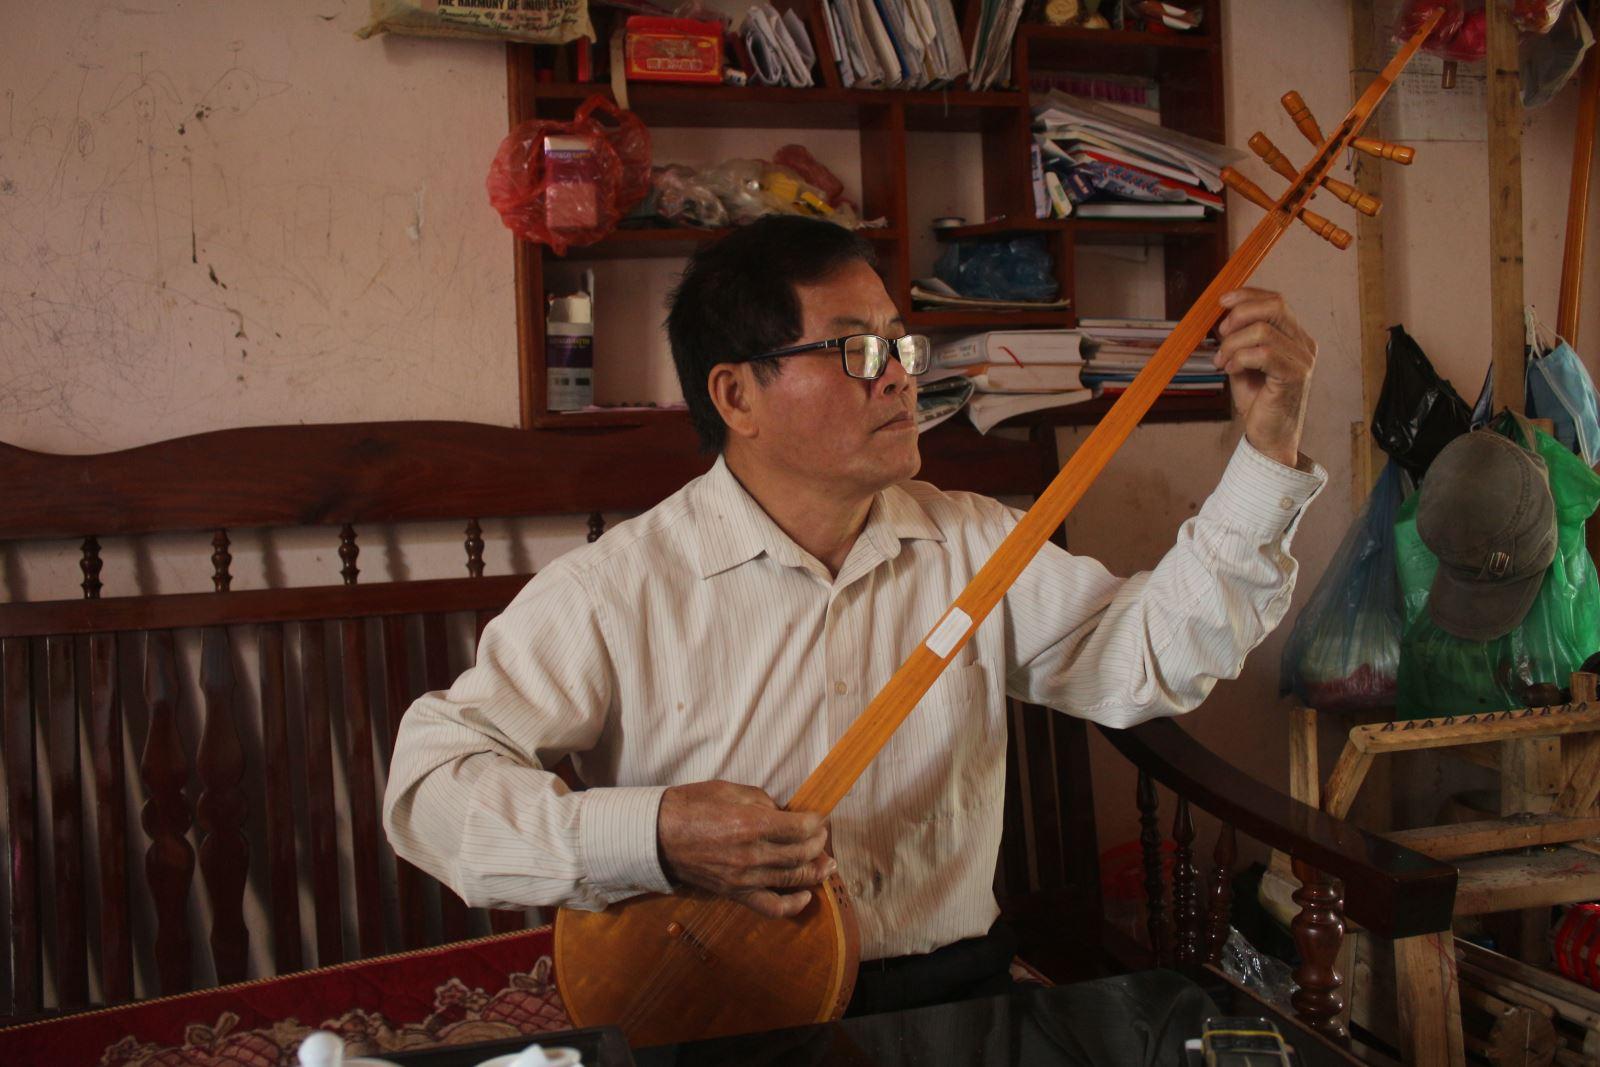 Ông Đàm Xuân Hòa say sưa với cây đàn tính 6 dây của mình.